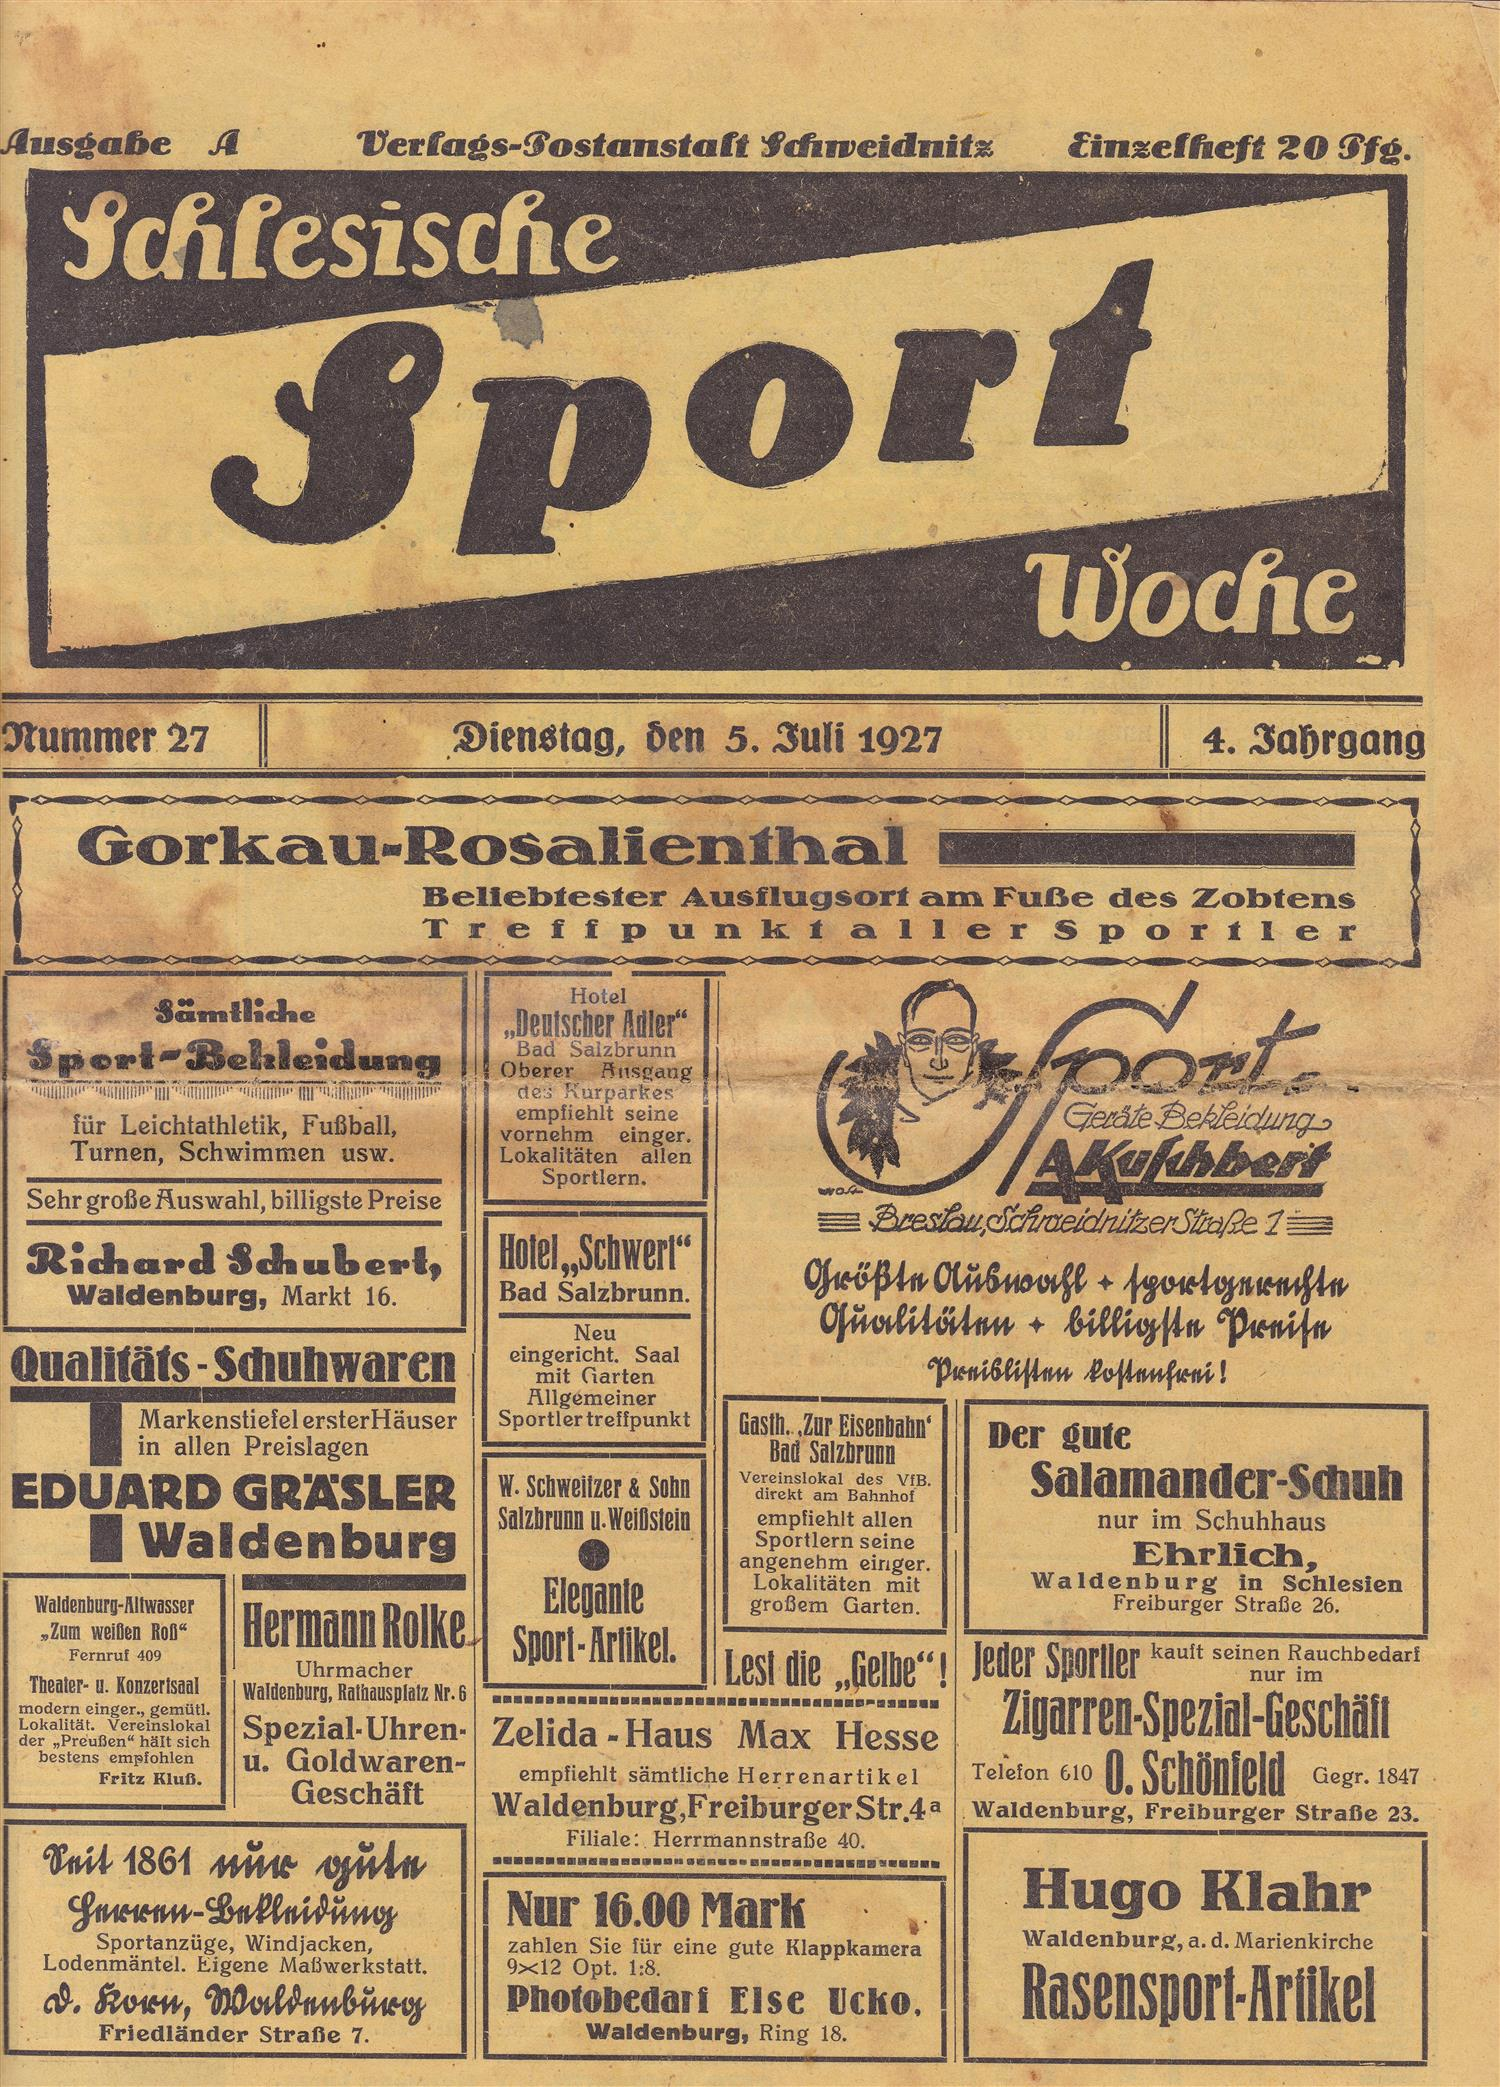 Slesiche_Sport_Woche_5_07_1927 (1)